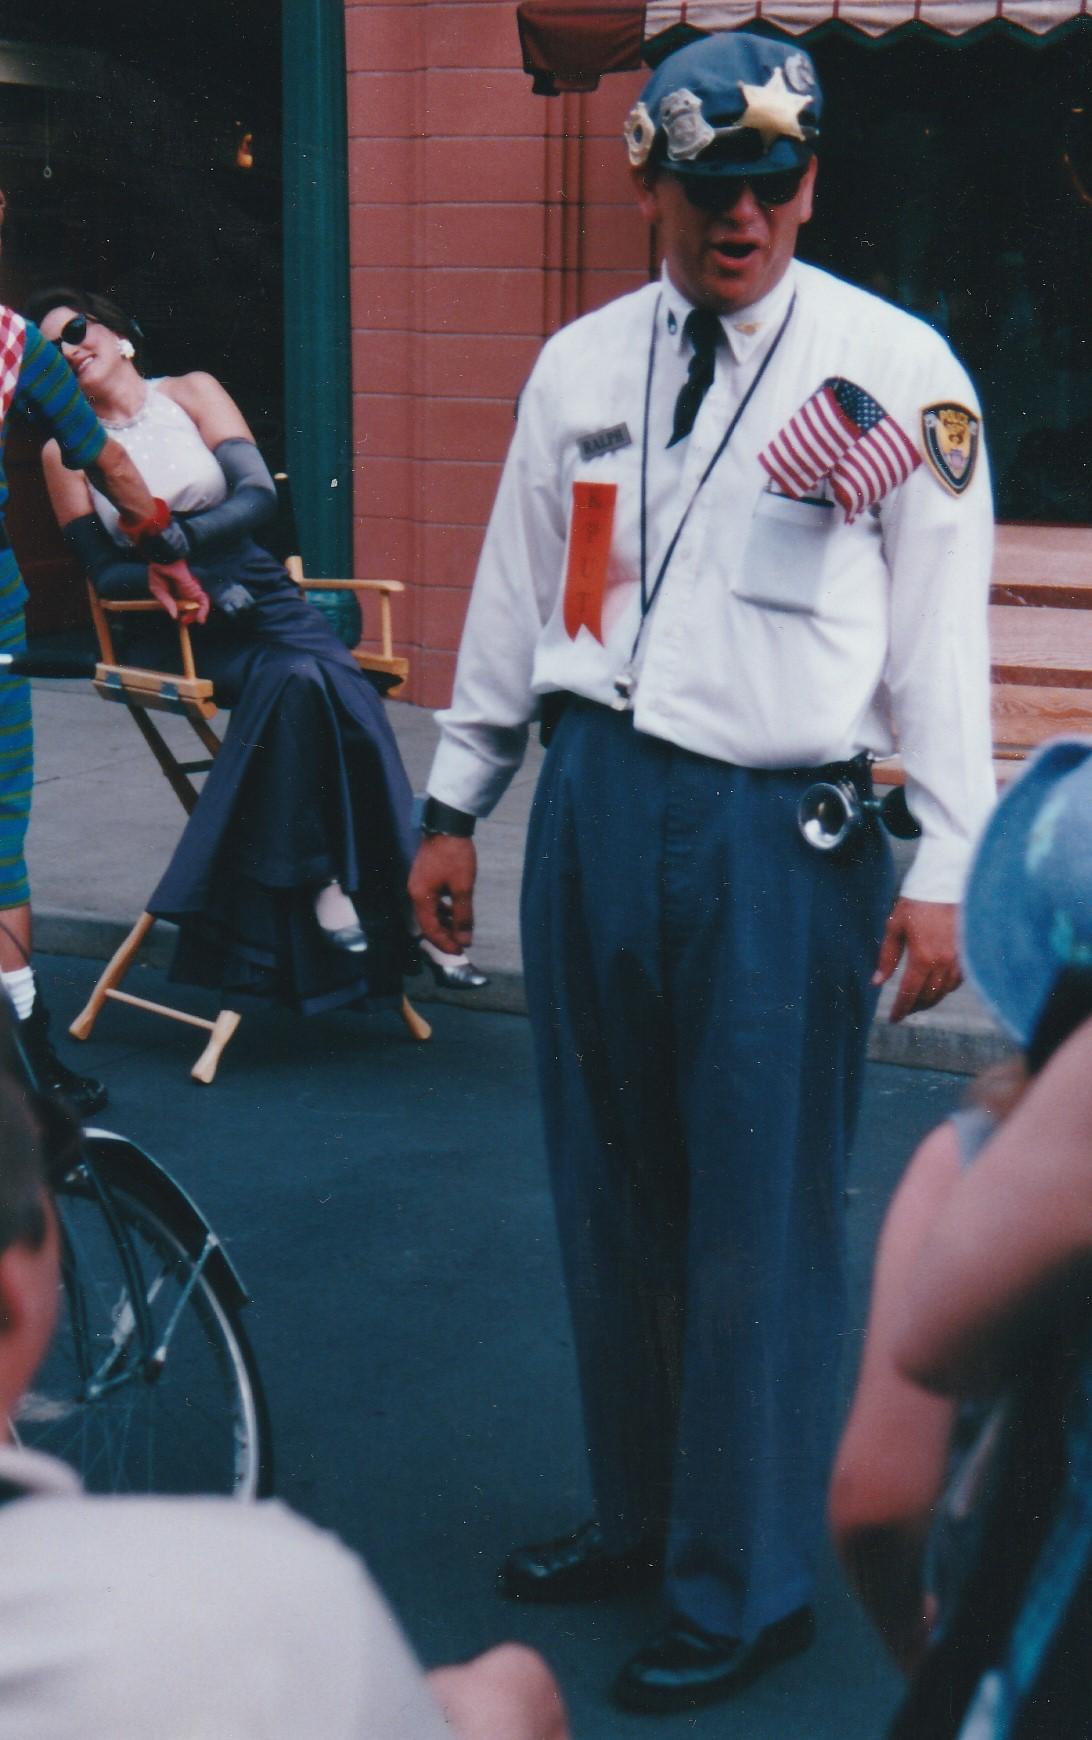 Officer Ralph Digby